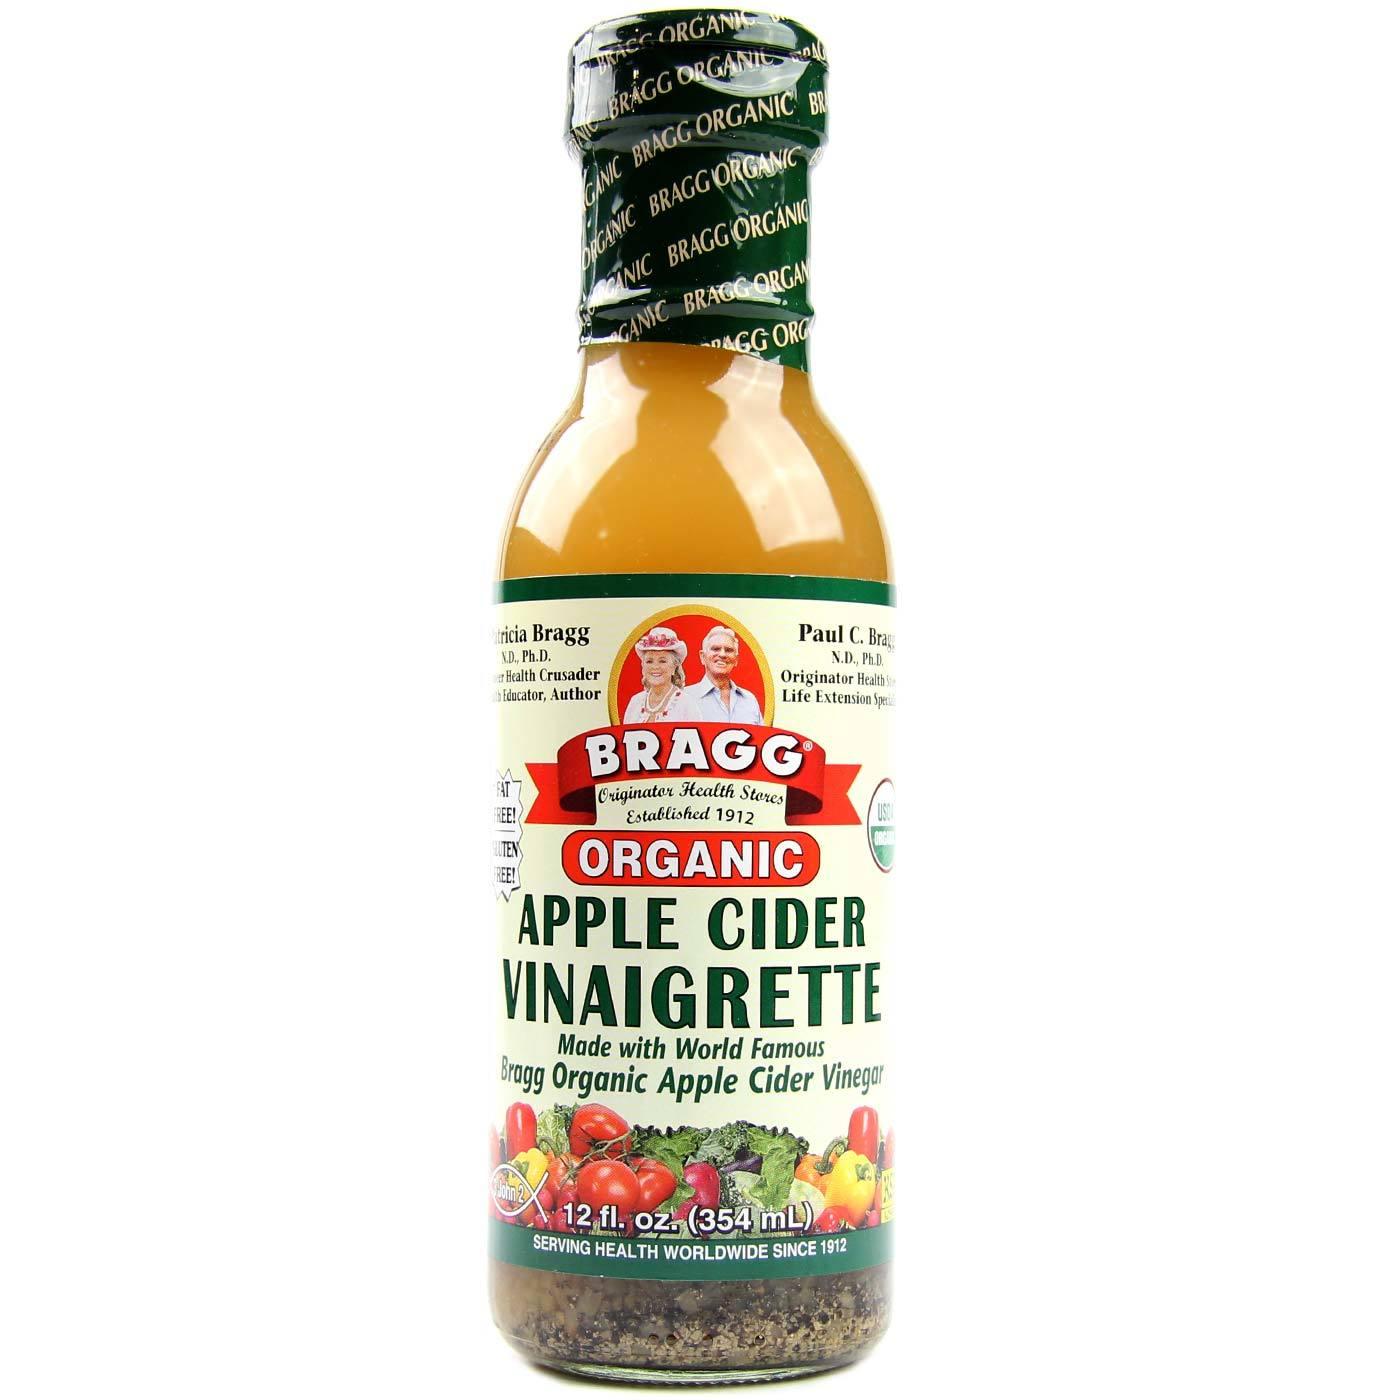 Bragg Apple Cider Vinaigrette, Organic - 12 fl oz - eVitamins.com